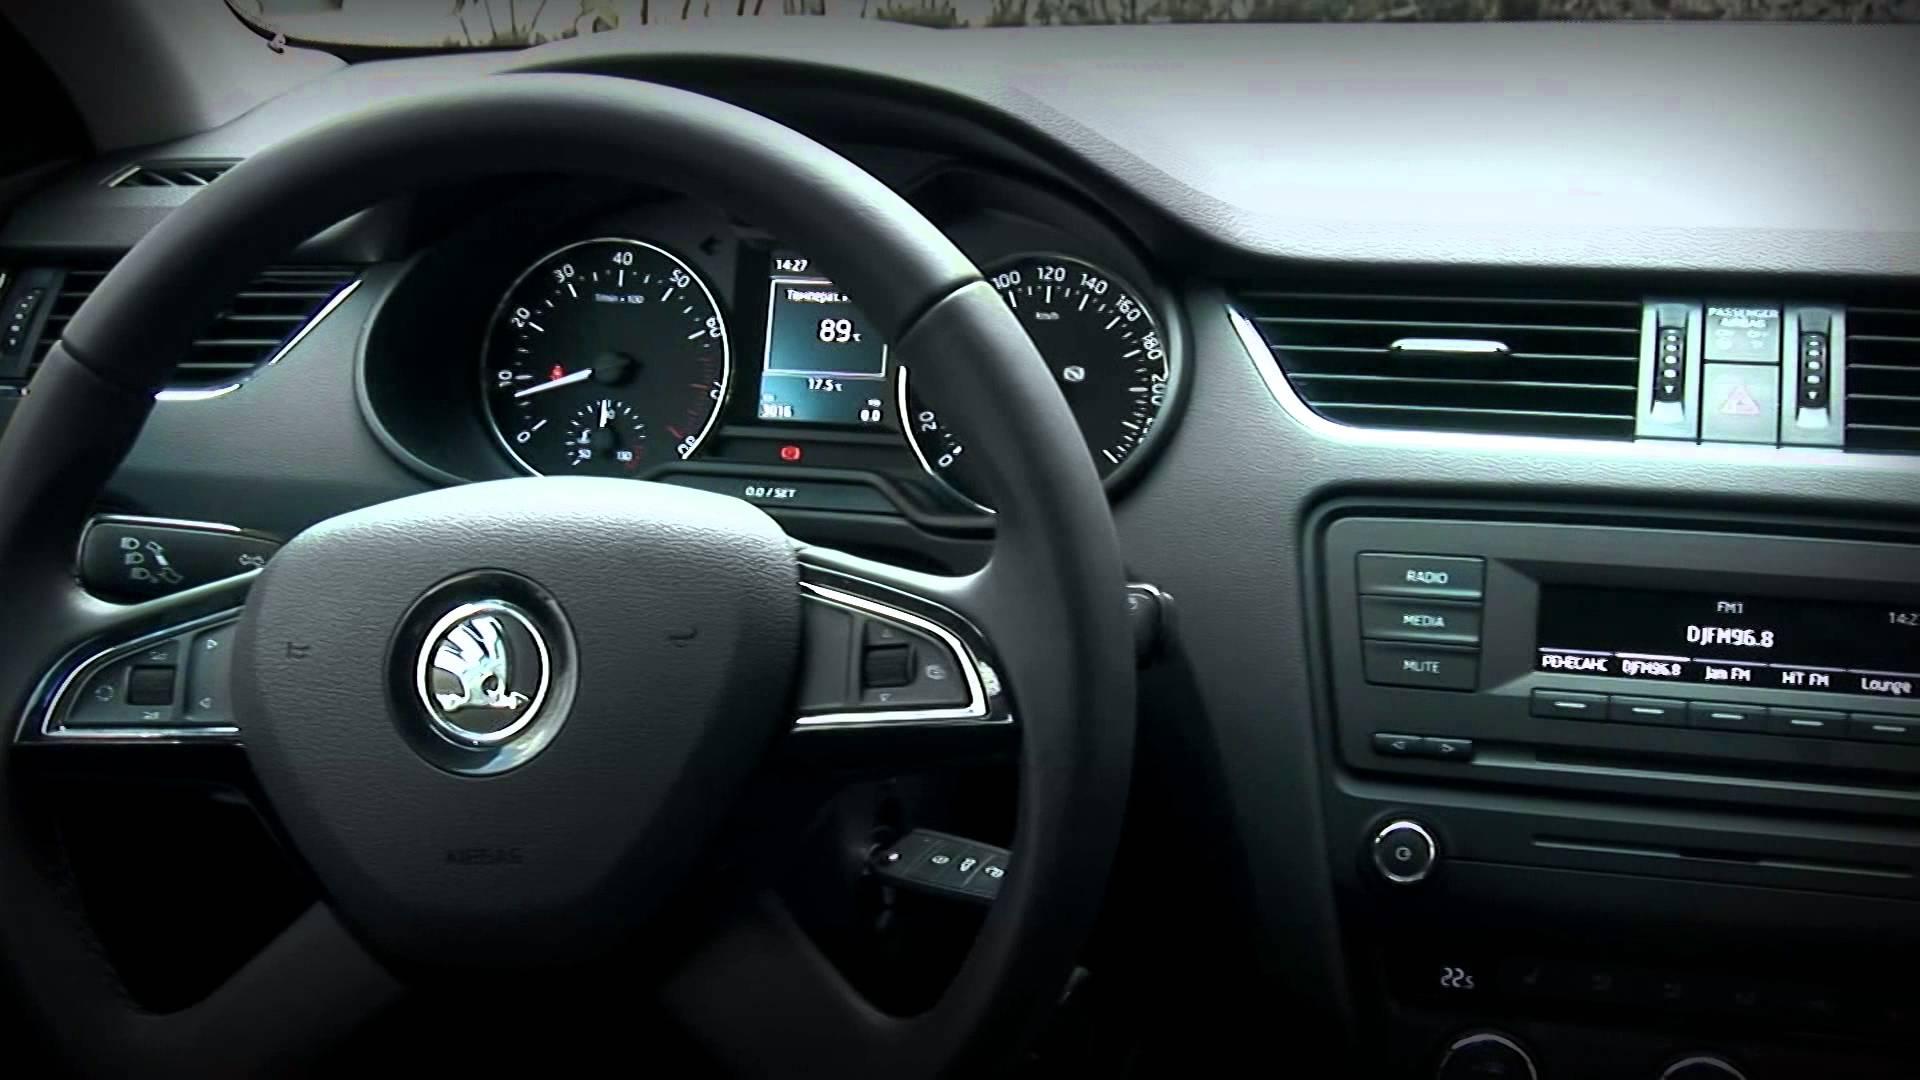 Skoda Octavia A7 HD